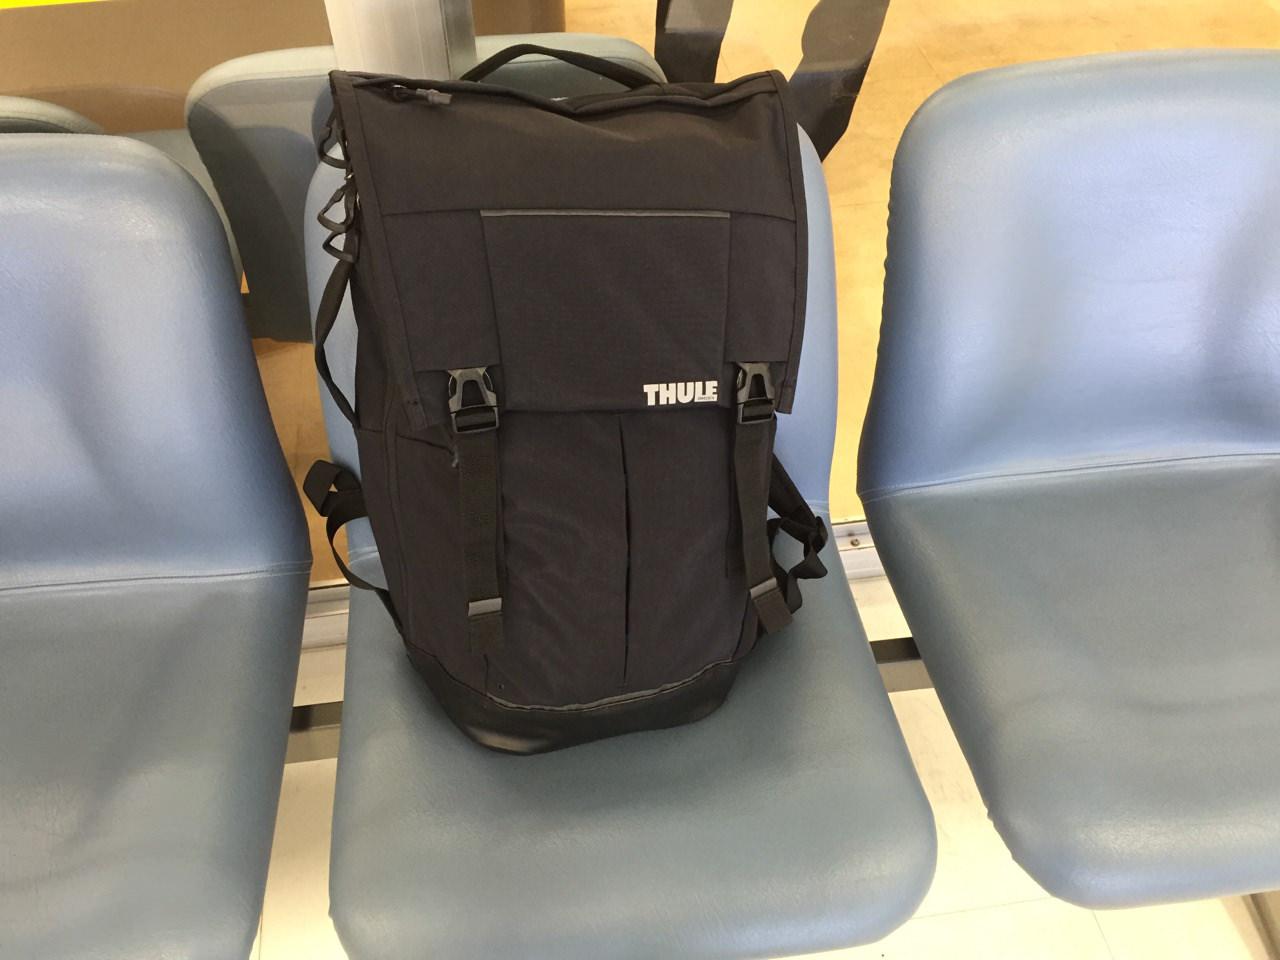 Thule(スーリー)のバックパックを旅に使ってみて! | 花徳マンゴー